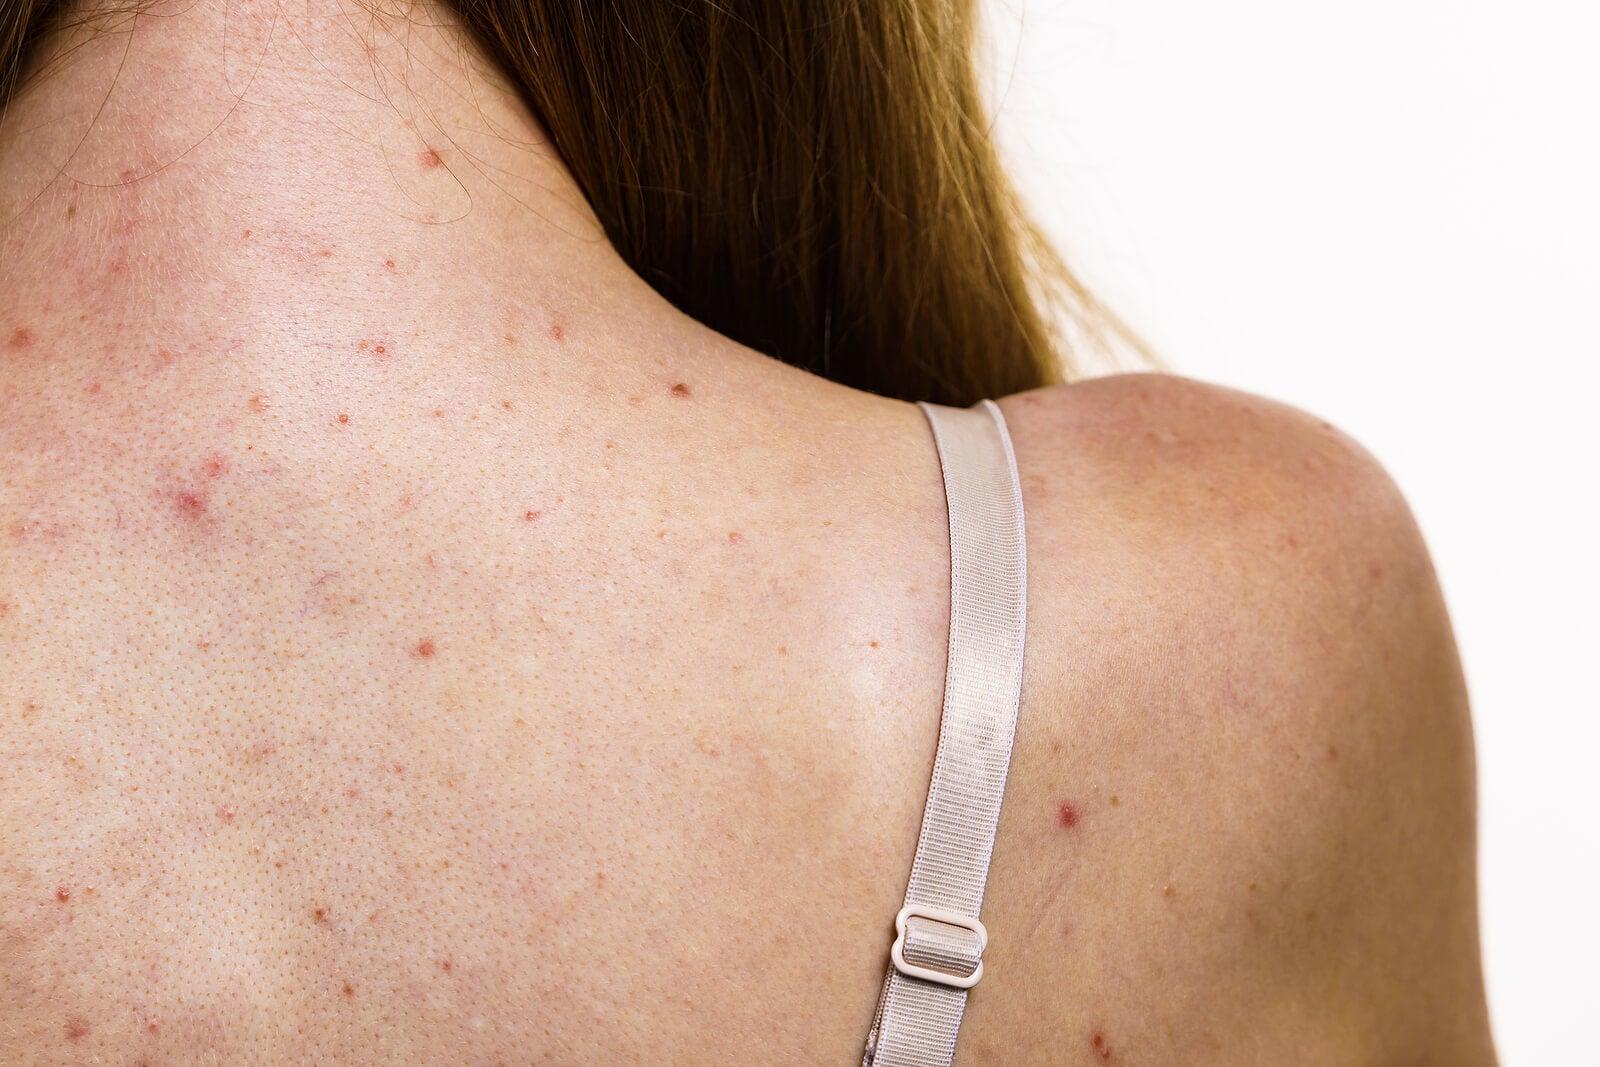 Adolescente con acné en la espalda, una de las dermatosis del adolescente más comunes.